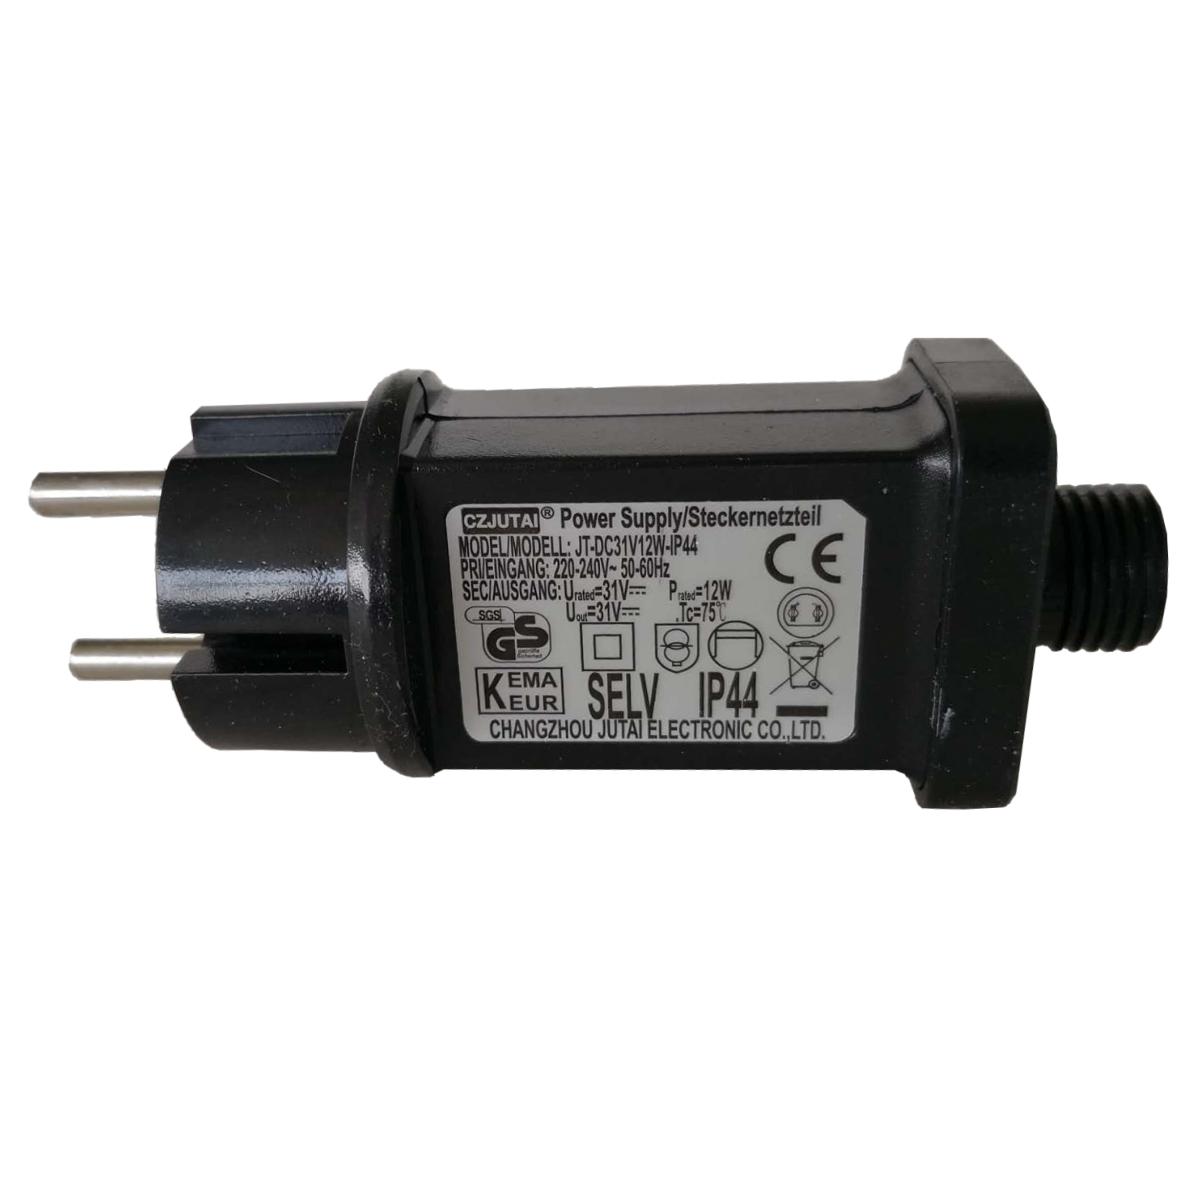 SILAMP Transformateur Guirlande LED 31V 12W IP44